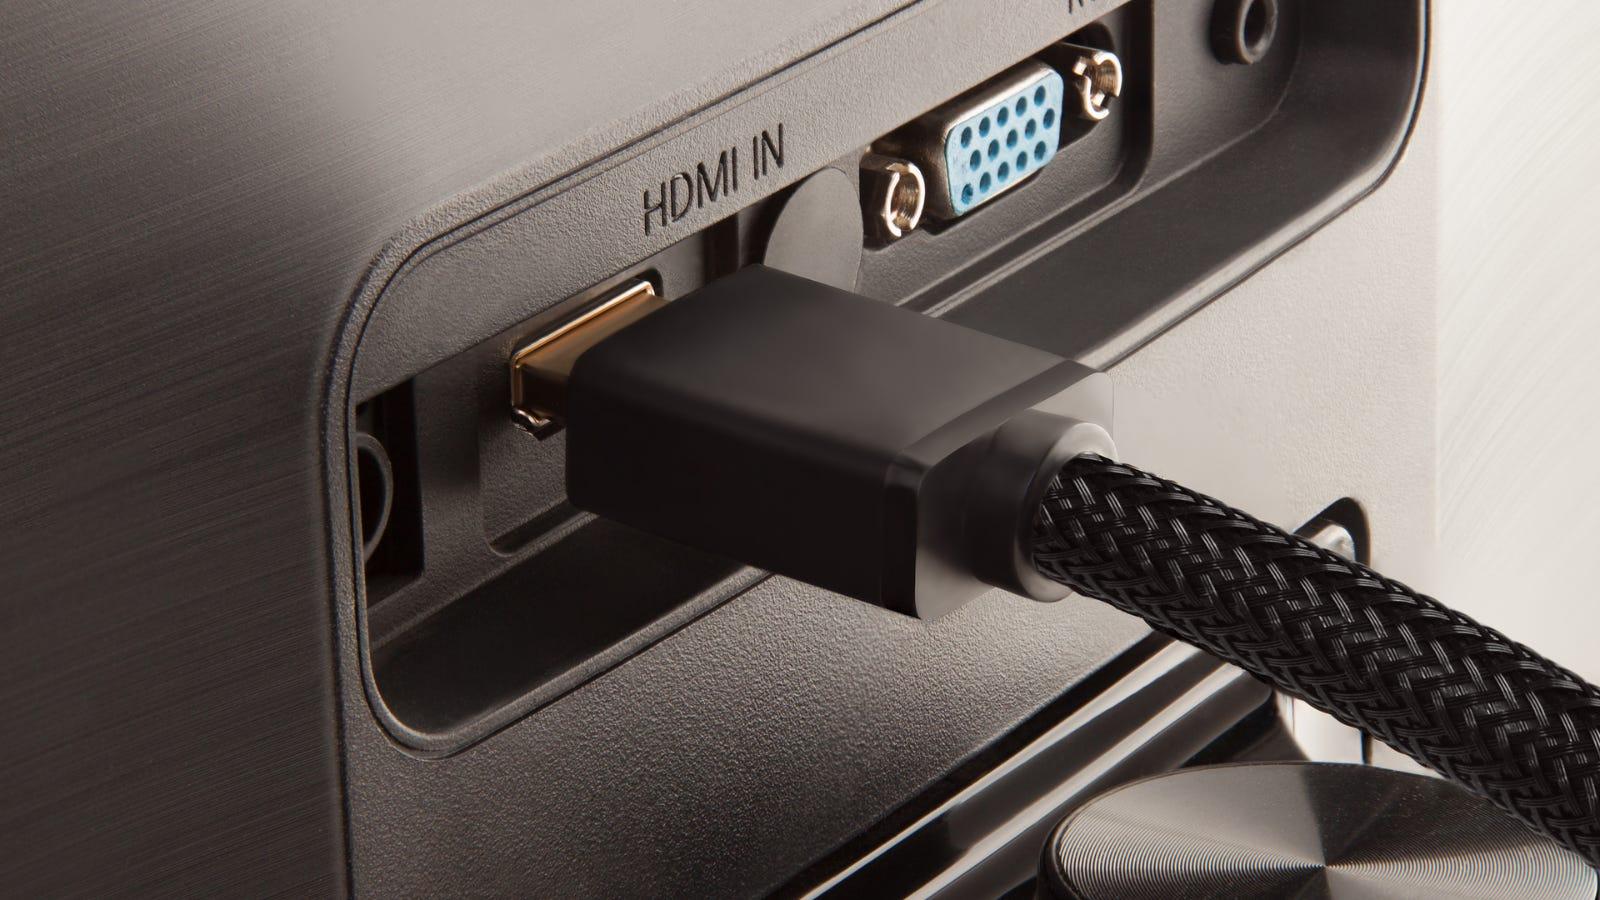 يدخل كابل HDMI في المنفذ الموجود في الجزء الخلفي من الشاشة